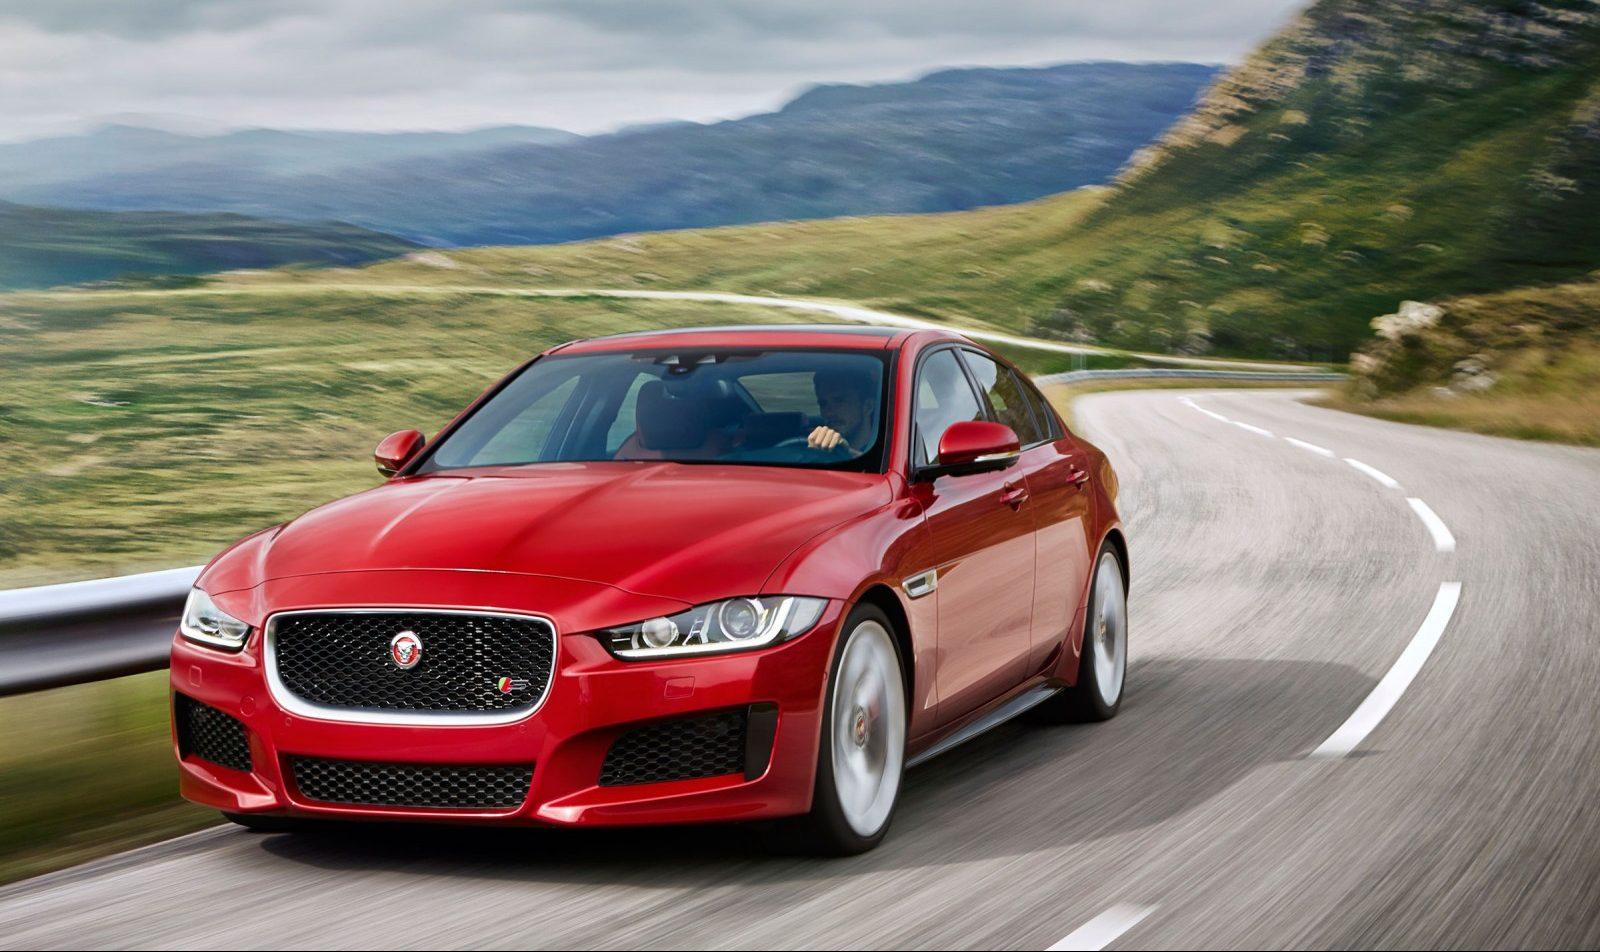 vendas caem em 30 das 35 marcas de carros. só jaguar e porsche